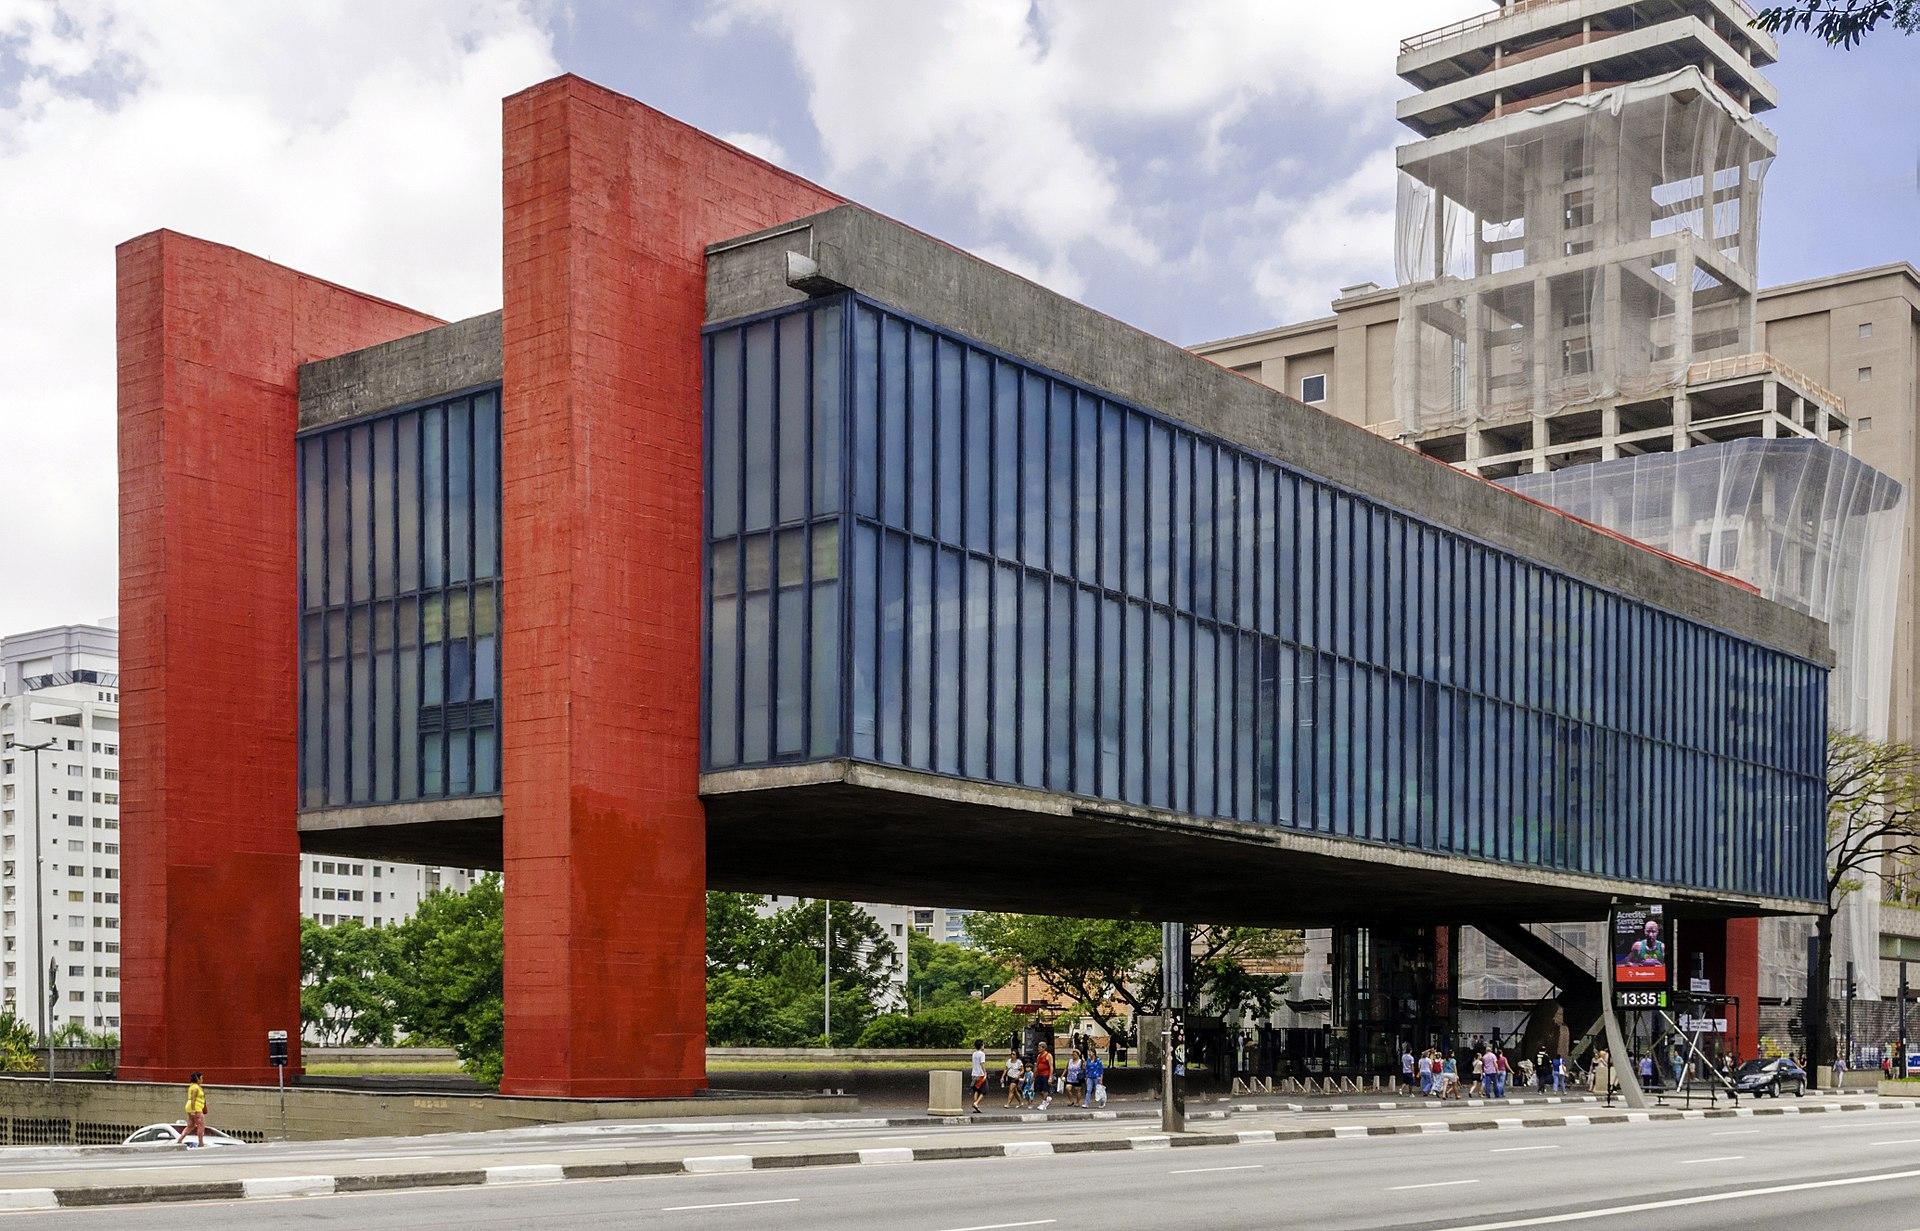 MASP museum in Brazil